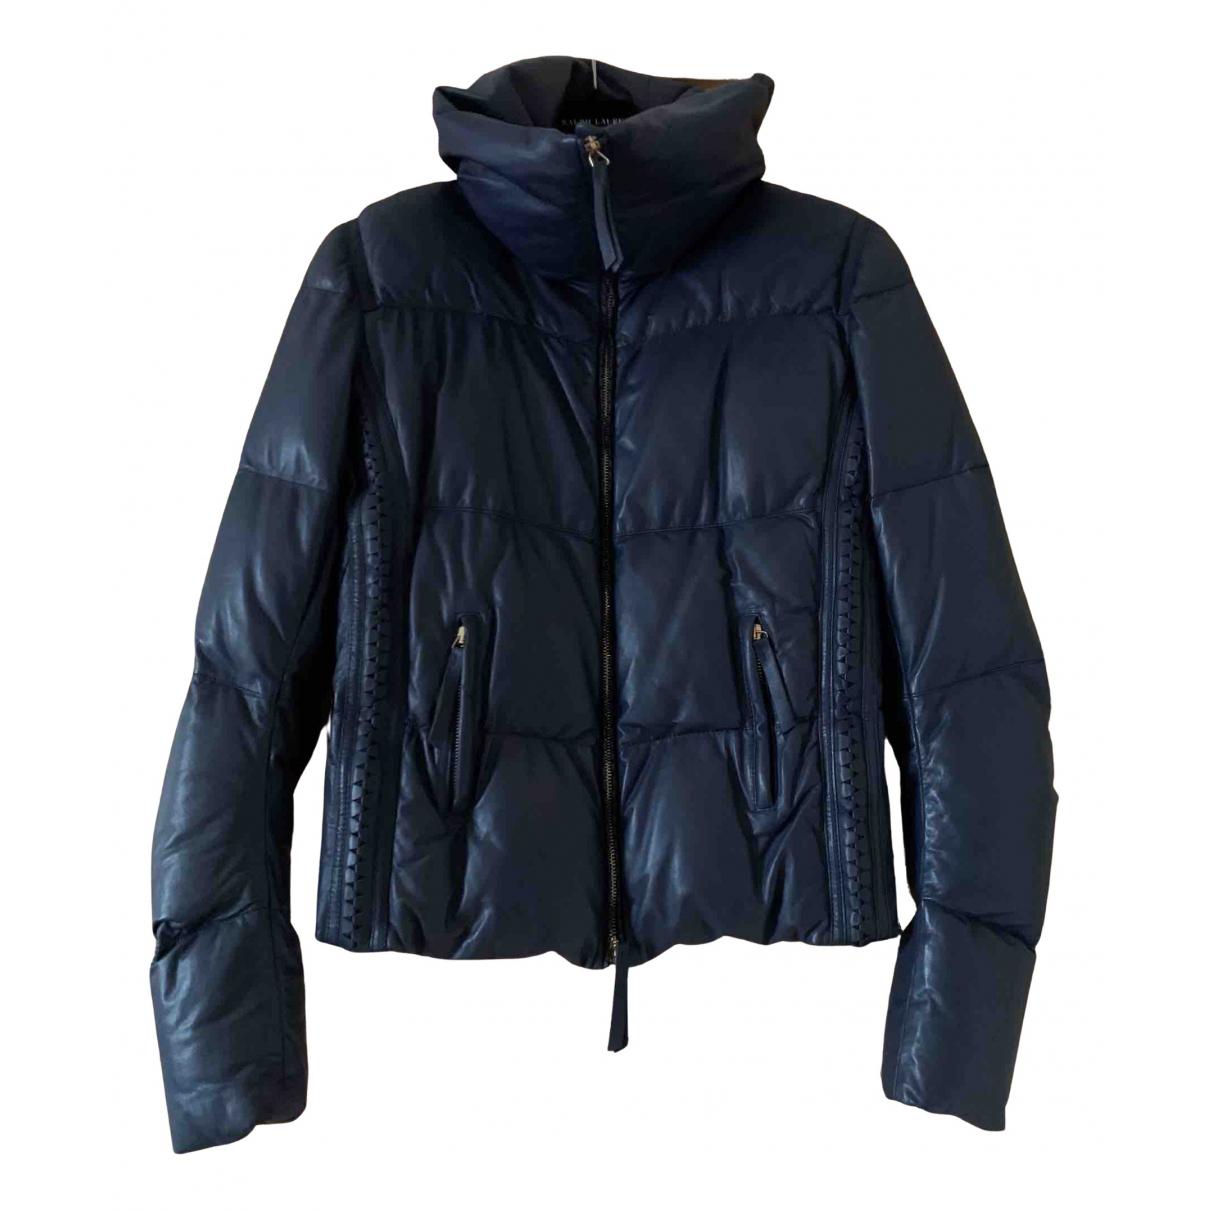 Roberto Cavalli - Manteau   pour femme en cuir - bleu